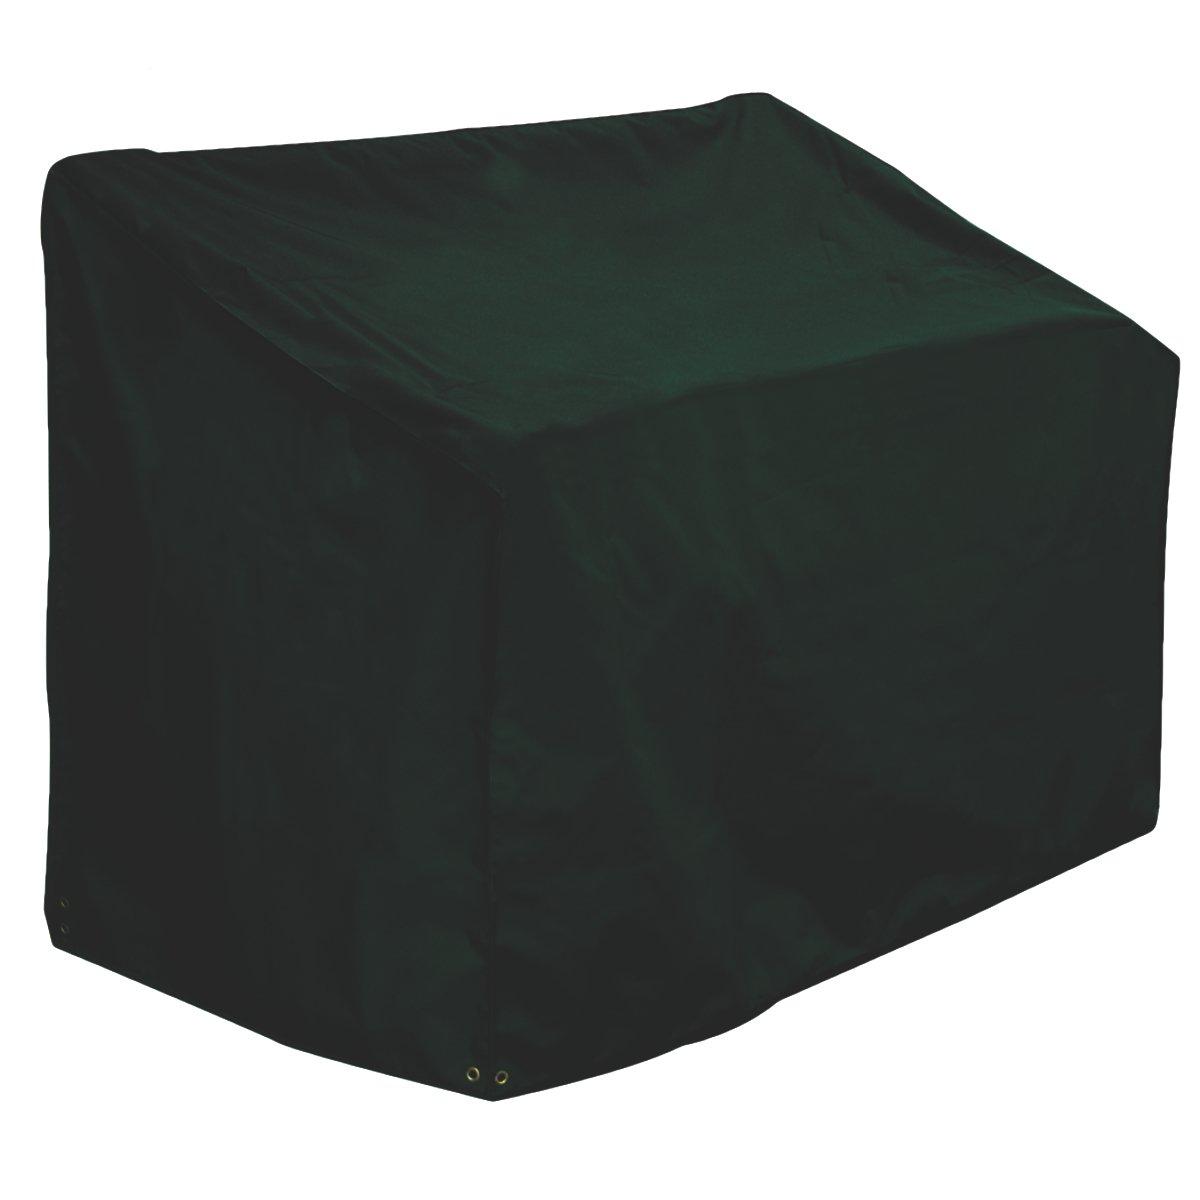 Bosmere Premium-Schutzhülle für Sessel/Bank günstig online kaufen